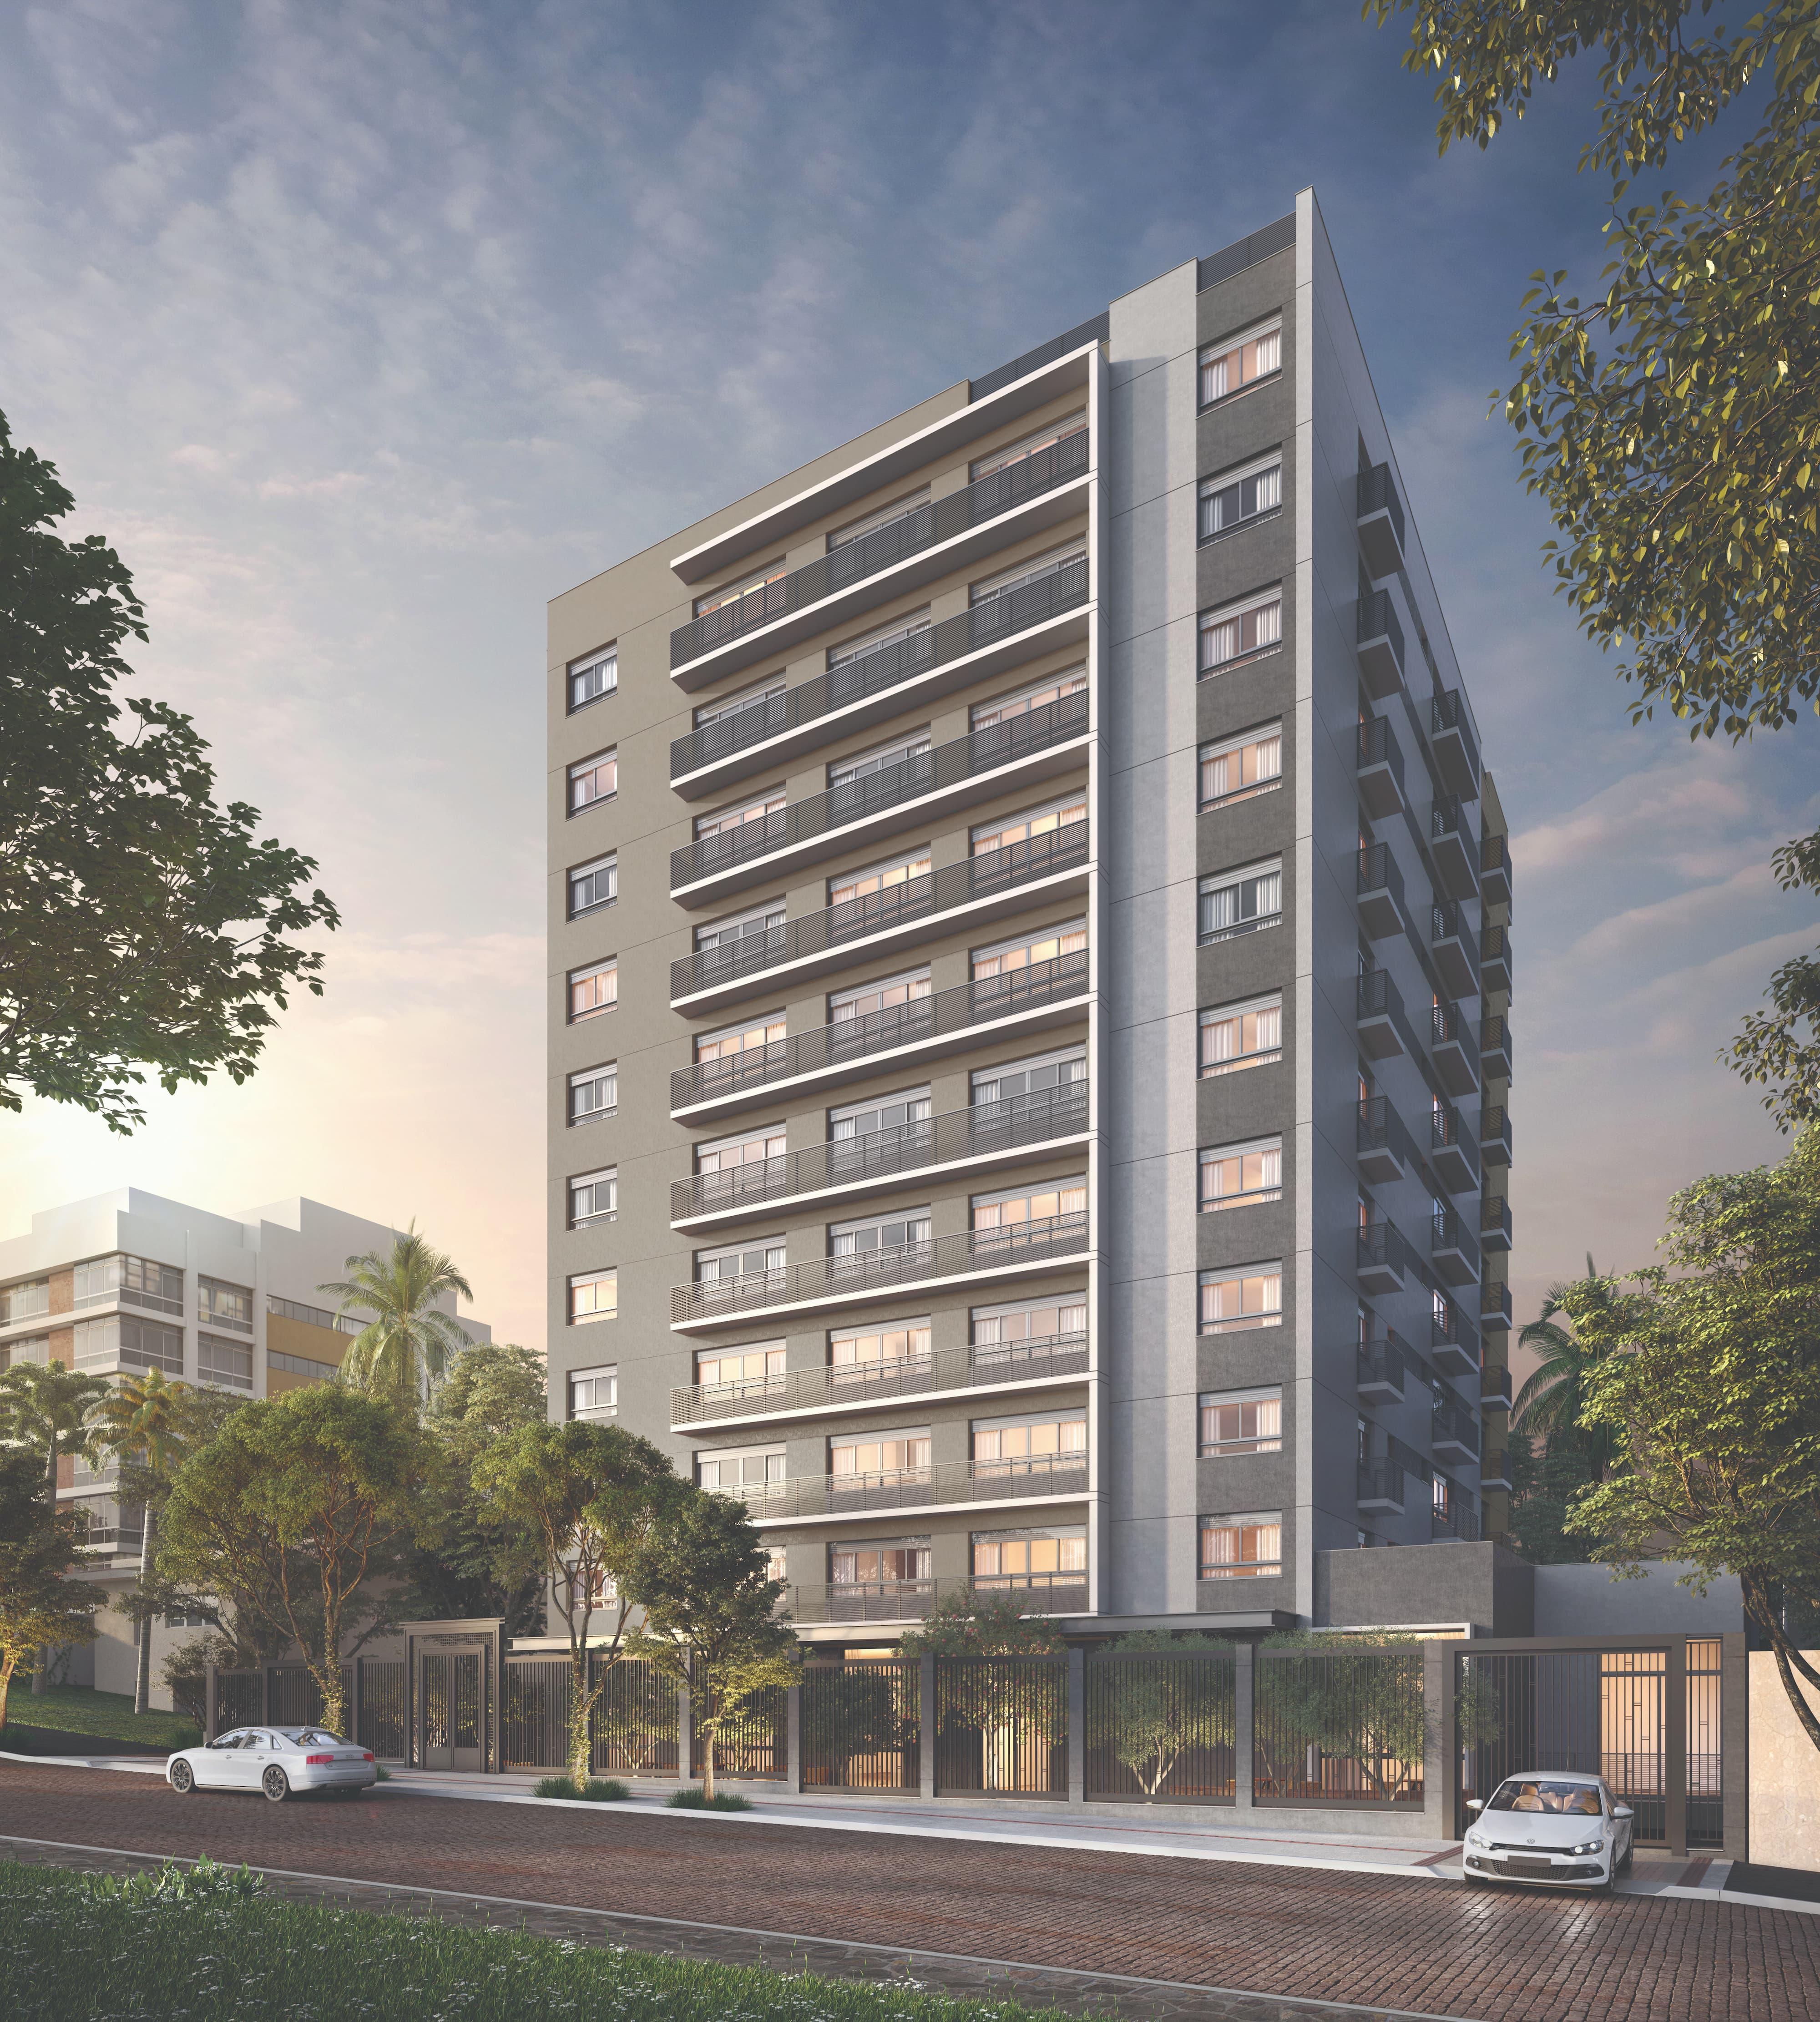 Casas e apartamentos podem ser adaptados para idosos e novos condomínios surgem especialmente para essa população